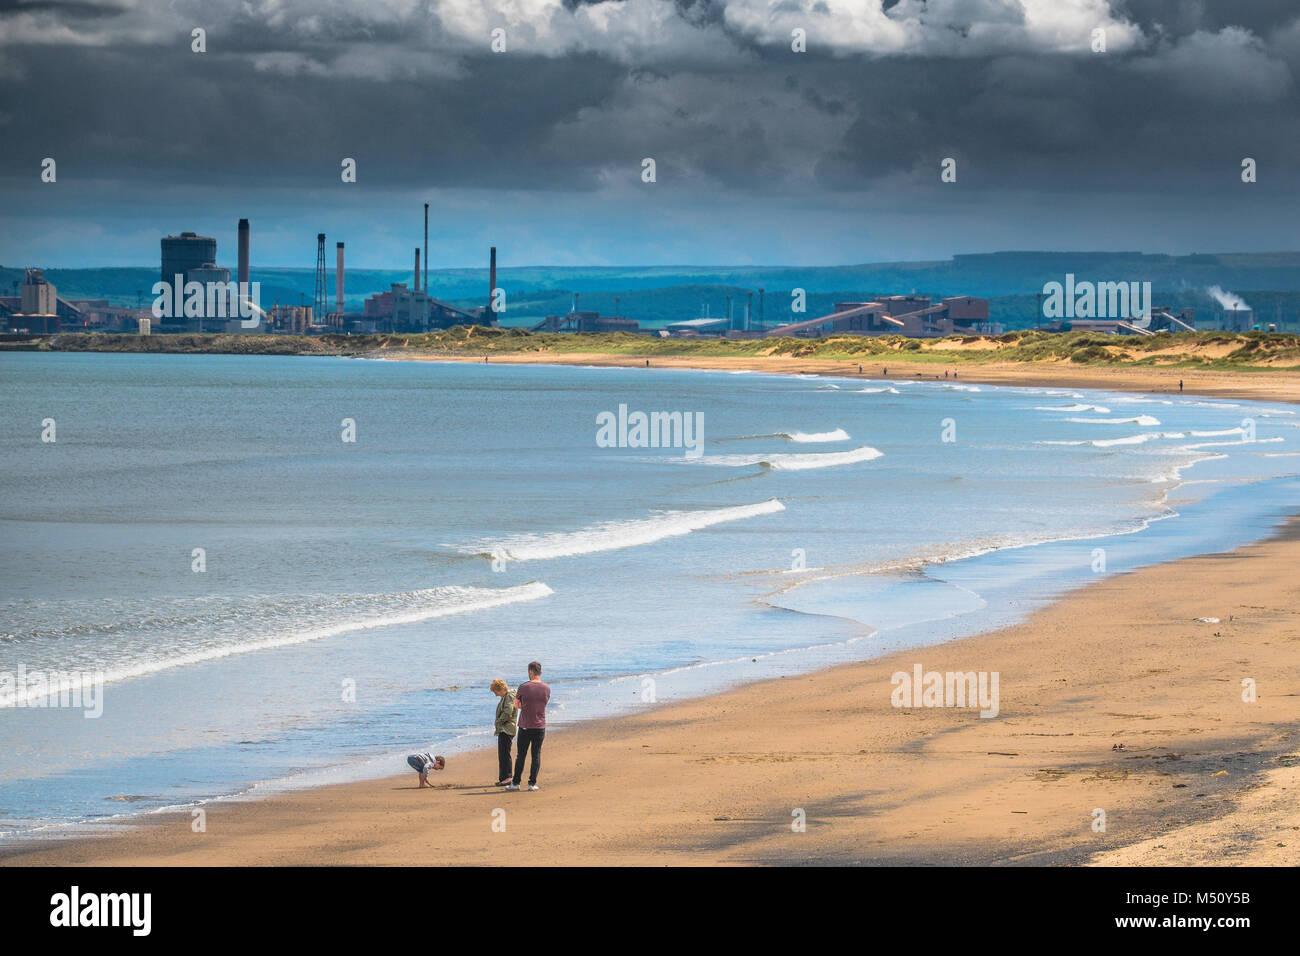 Une famille Profitez d'une belle plage à l'industrie lourde à l'arrière-plan. Photo Stock